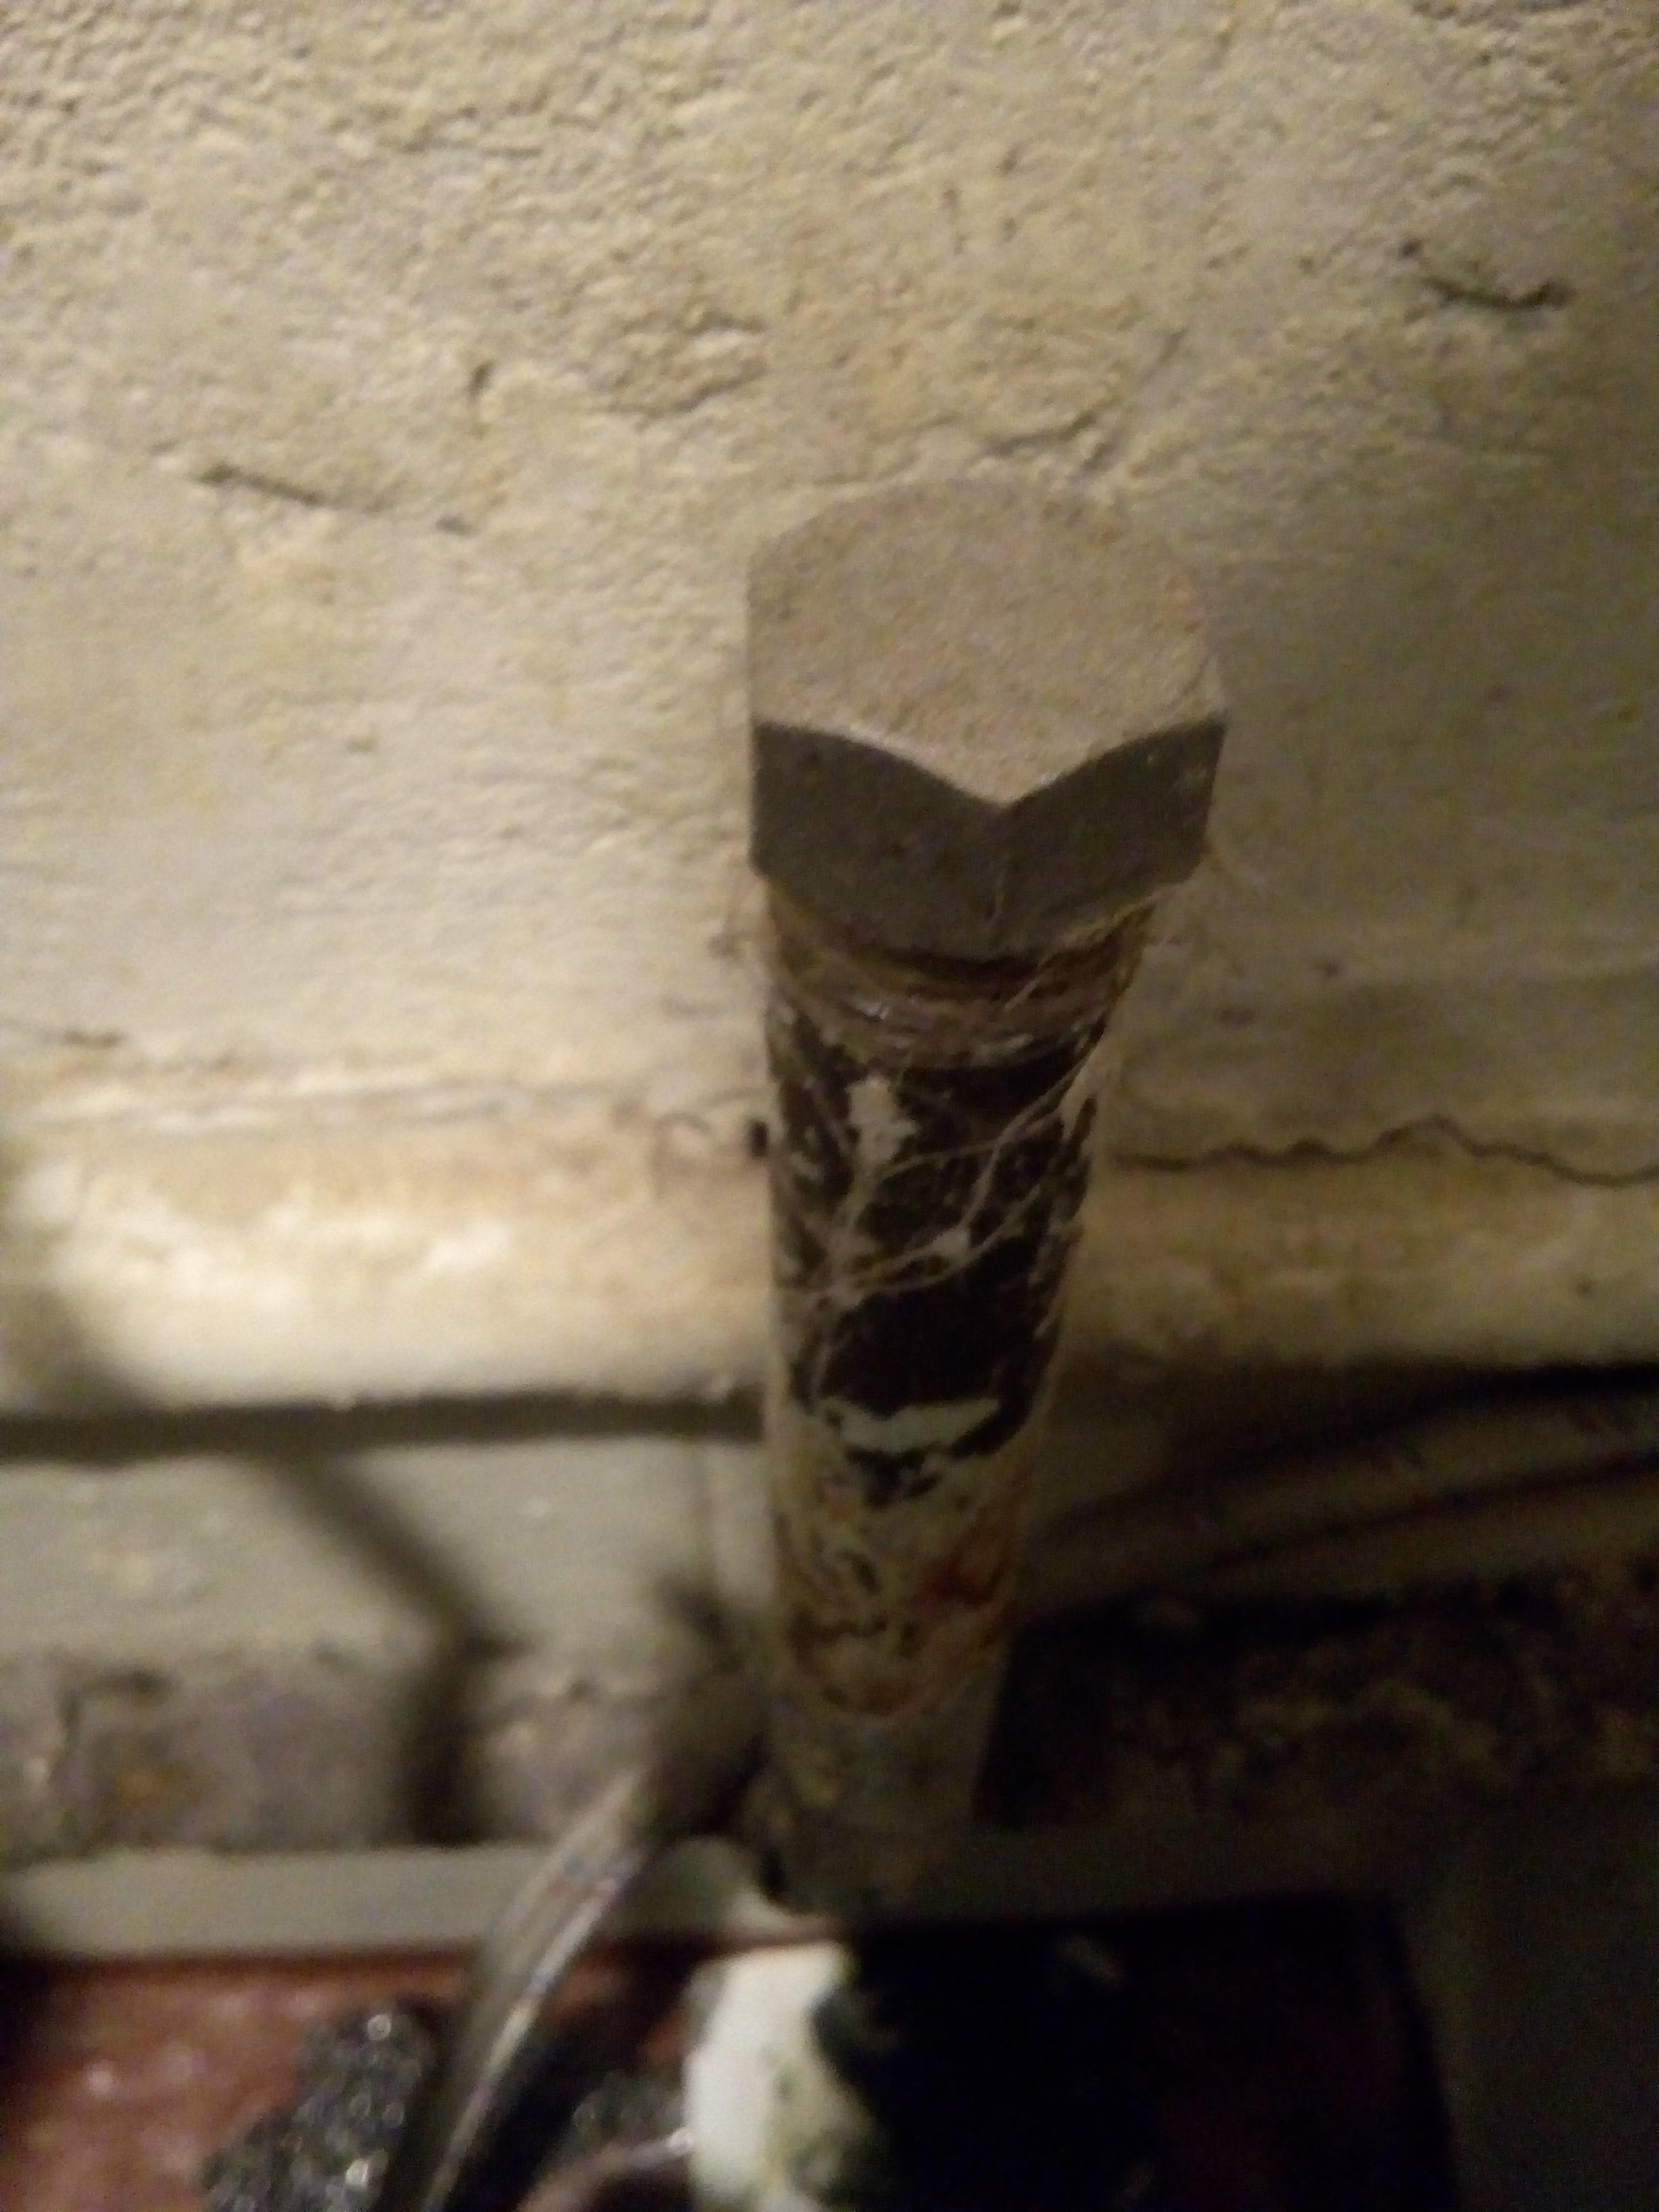 Как отремонтировать туалет своими руками в квартире, IMG_20200309_215311-min